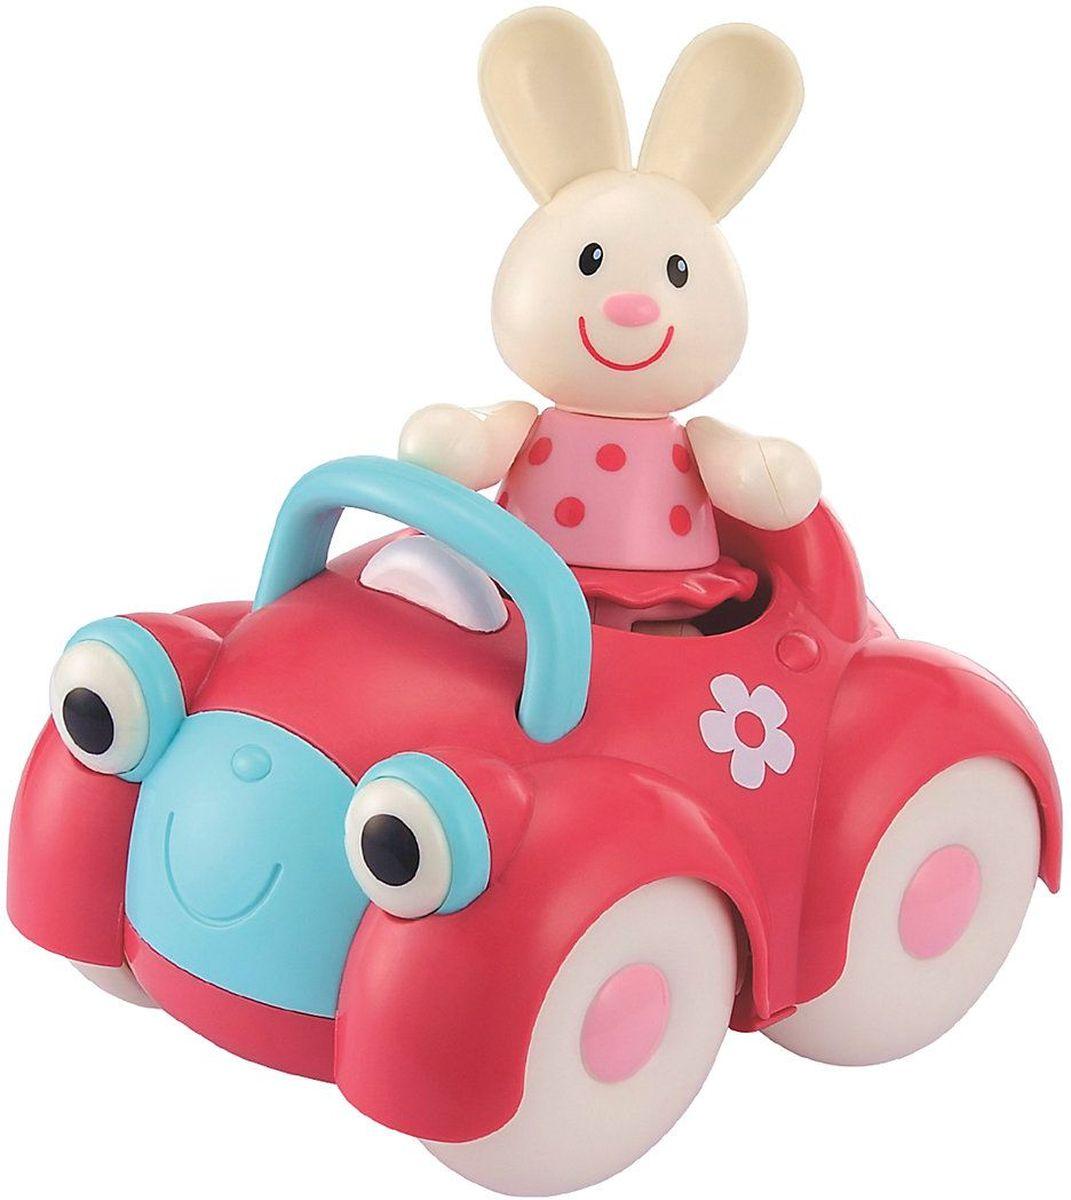 ELC Машинка-игрушка с зайцем137042Машинка-игрушка с обезьянкой ELC непременно понравится любому малышу и не позволит ему скучать. Познакомьтесь с зайчонком Рози и её дружелюбным автомобилем. Ноги, руки и голова фигурки двигаются, издавая негромкие щелчки. Ушки изготовлены из мягкой резины. Посади Рози внутрь и катай машинку по комнате. Красочная игрушка стимулирует ребенка ползать и ходить, развивает воображение.